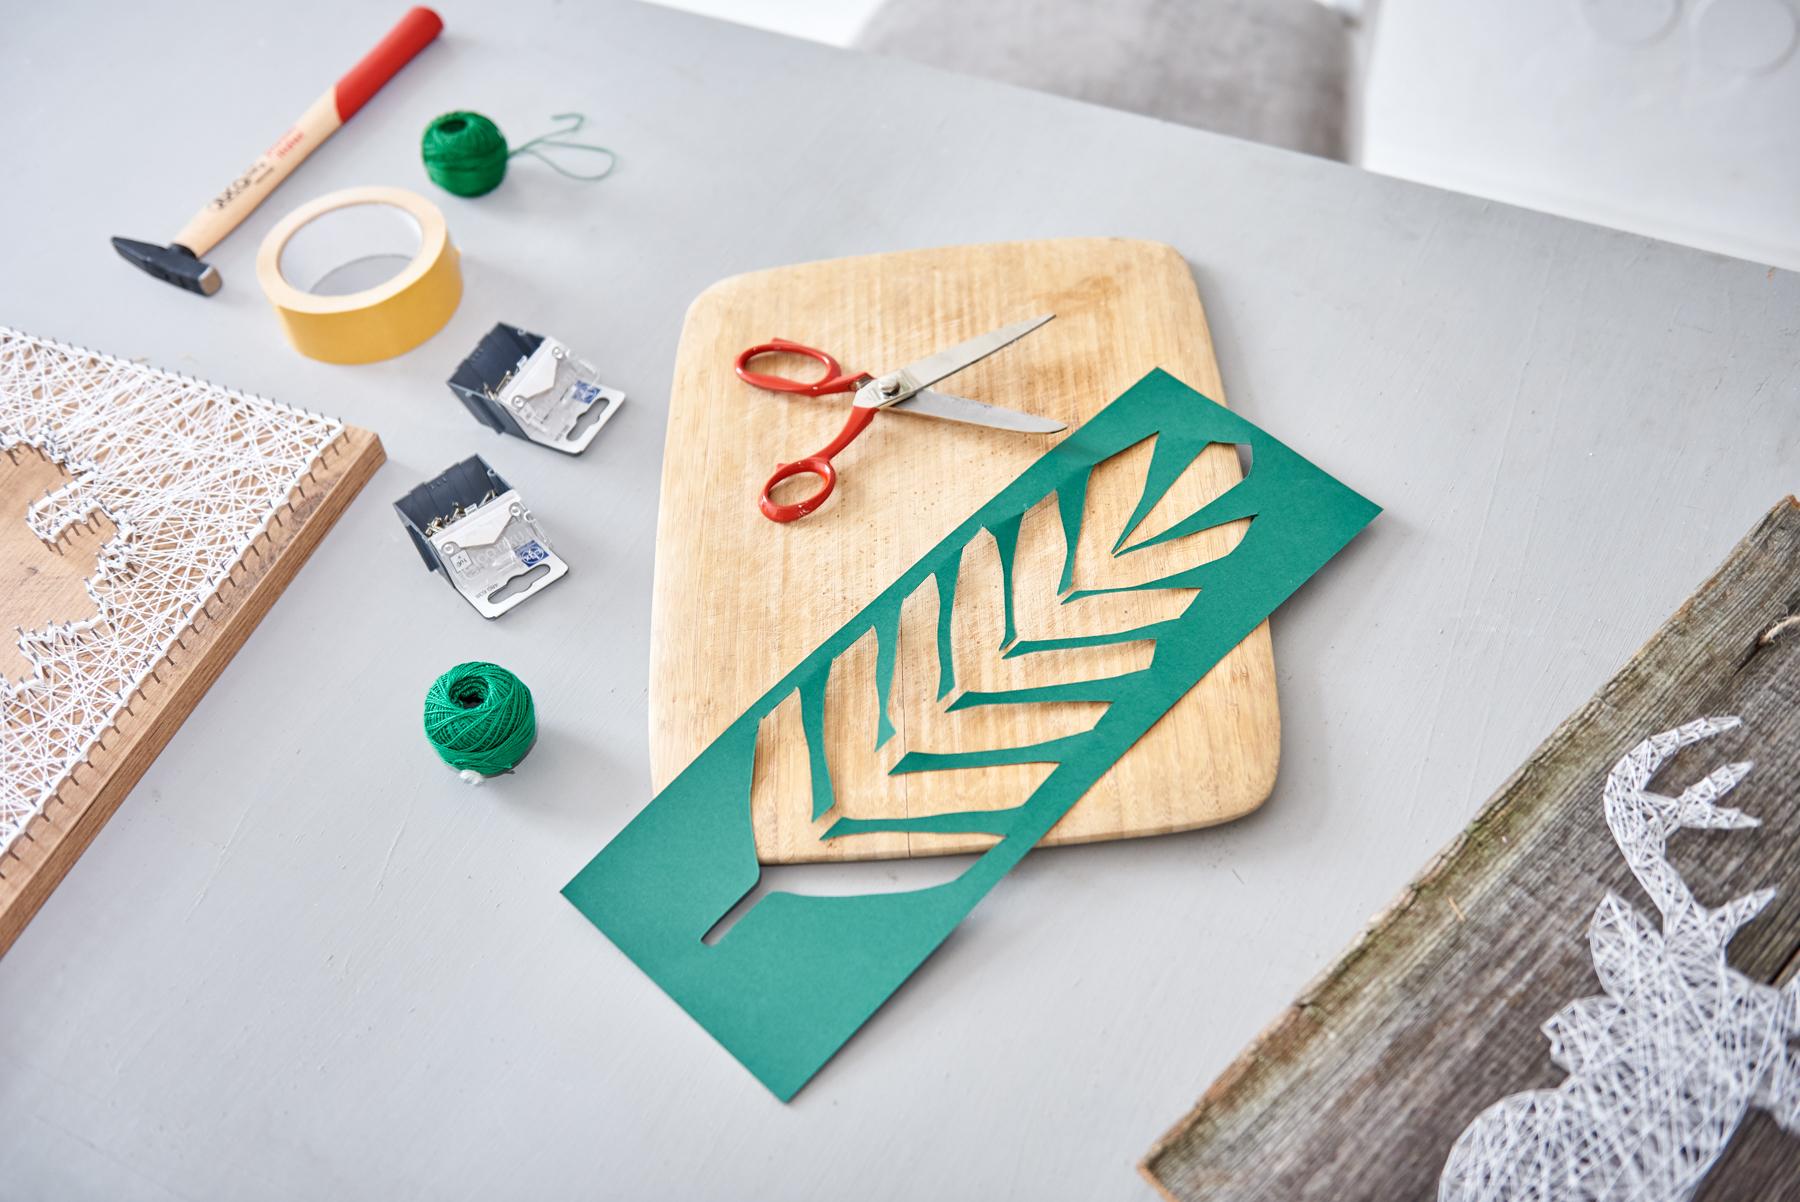 Rewelacyjny string art, blog diy, jak zrobić, obraz z nici, pomysł na prezent CS67